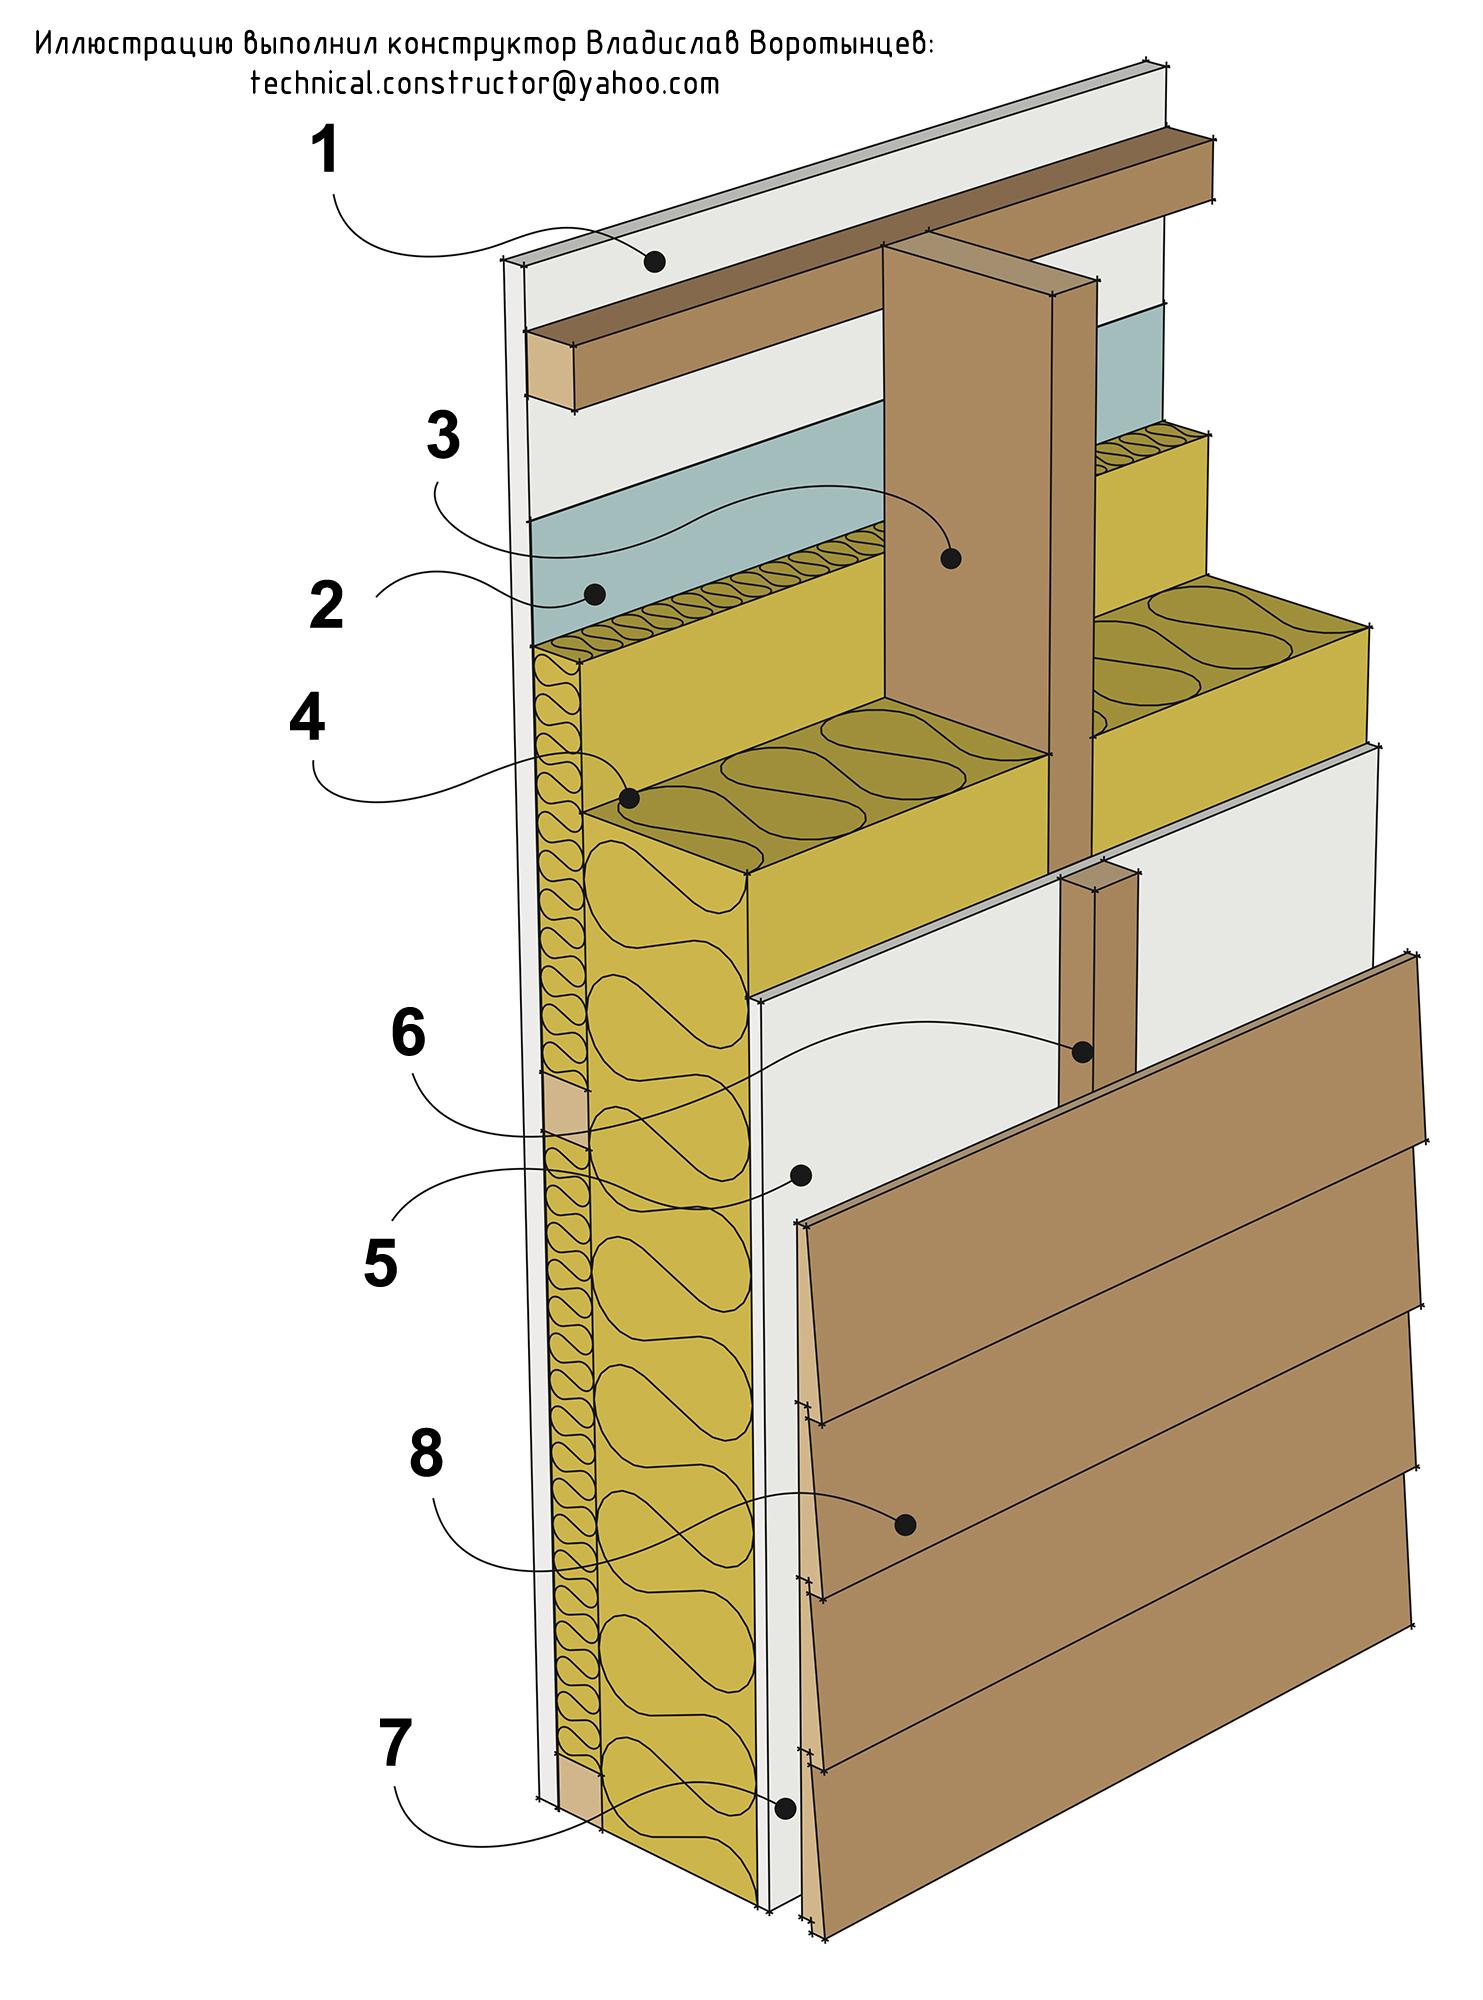 Рис 9.1 Легкая наружная стена из деревянного каркаса с горизонтальной наружной обшивкой из вагонки. Конструкция скандинавских каркасных стен